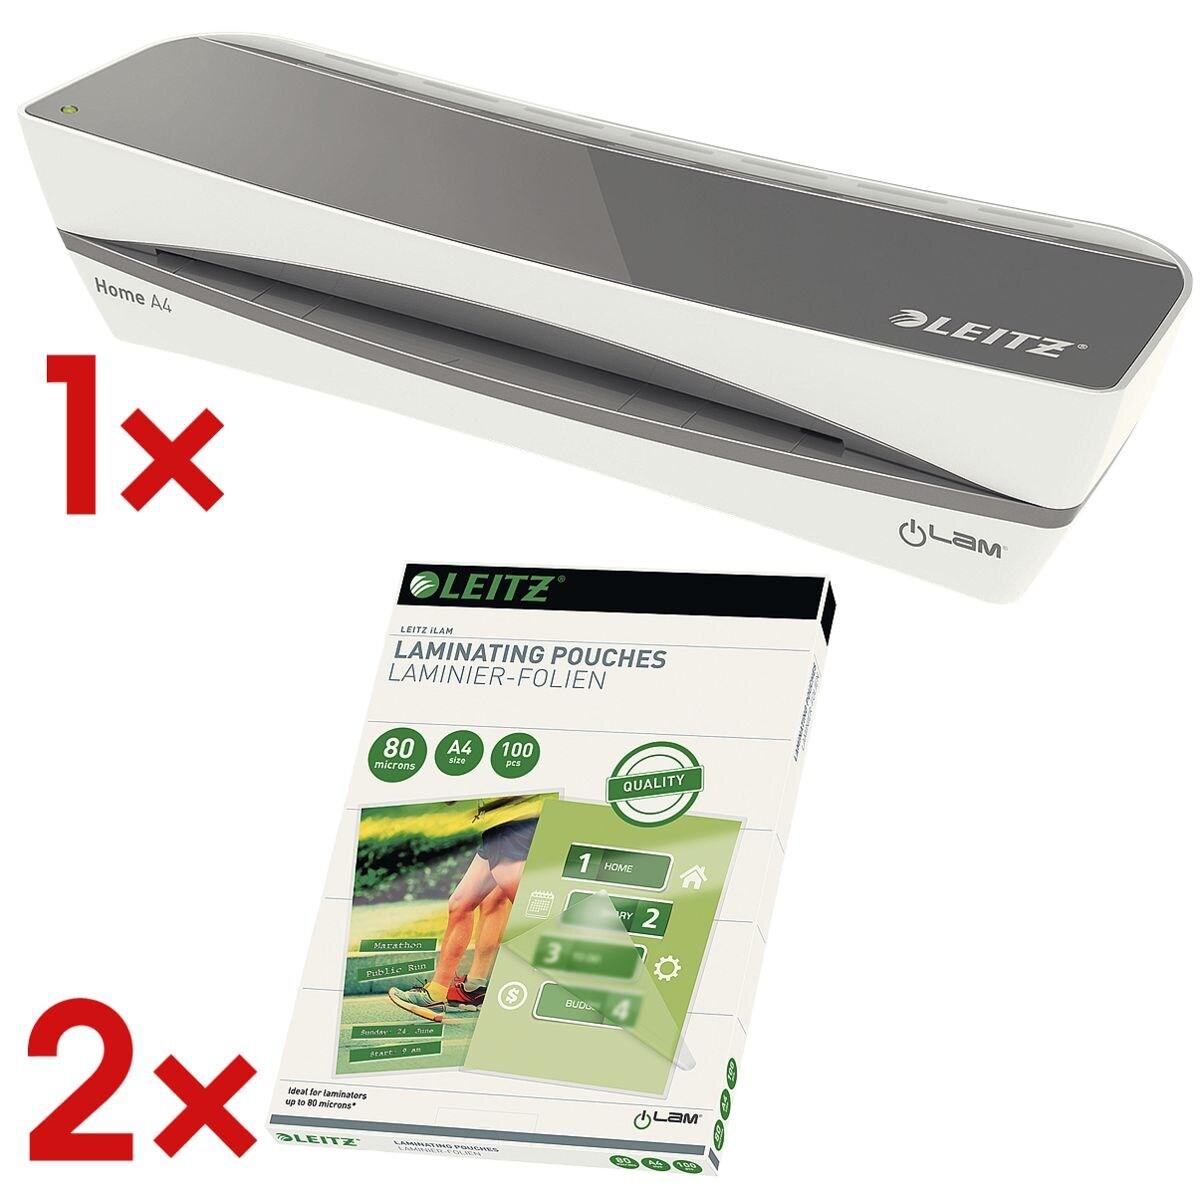 Leitz Laminiergerät Home A4 »iLAM Home« inkl. 2x Laminierfolien A4 100 Stück 80 mic »glänzend«